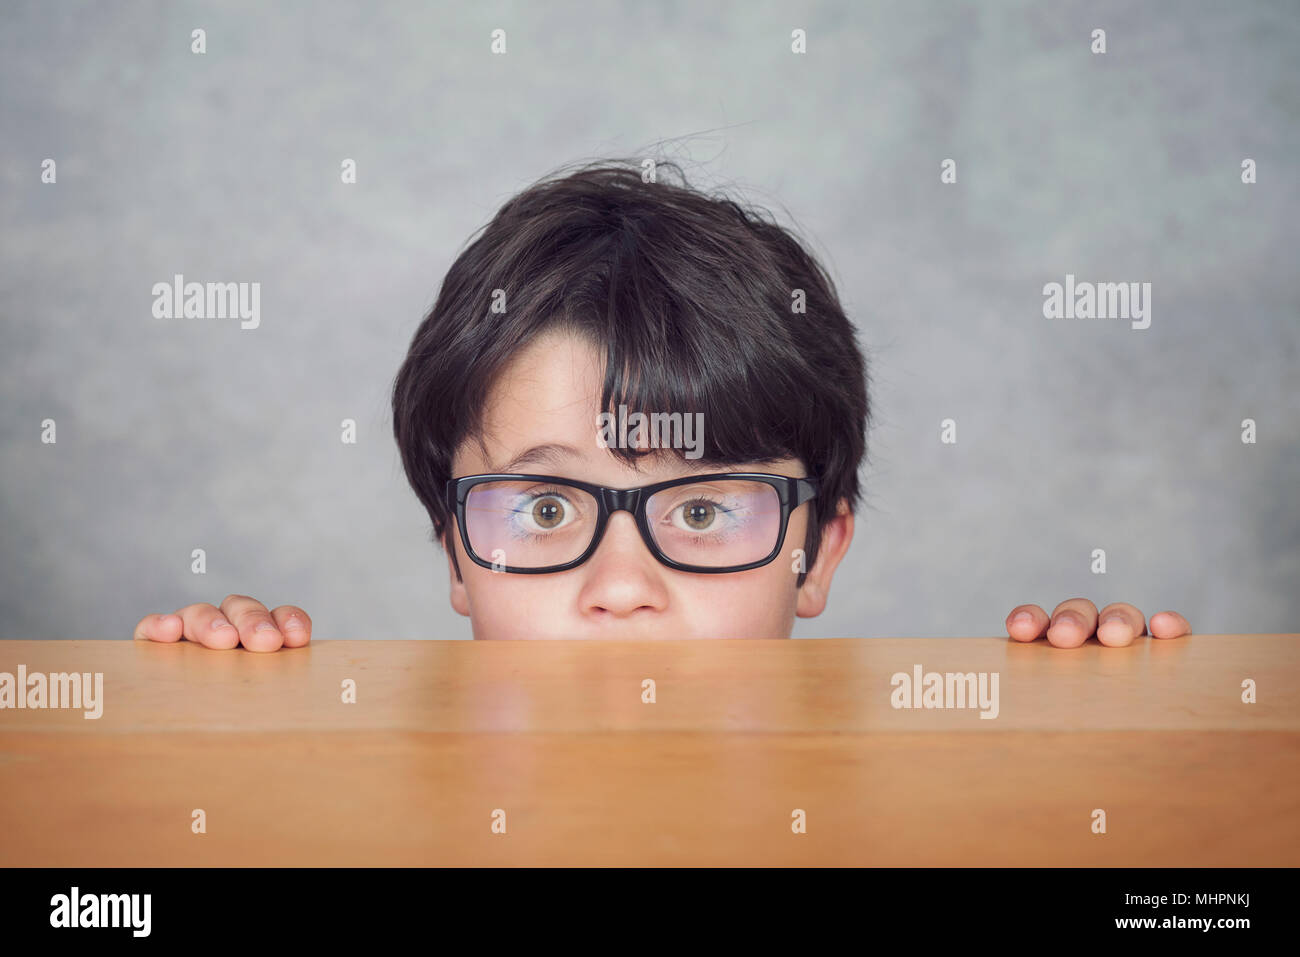 Junge mit Brille auf einem Holztisch auf grauem Hintergrund Stockbild